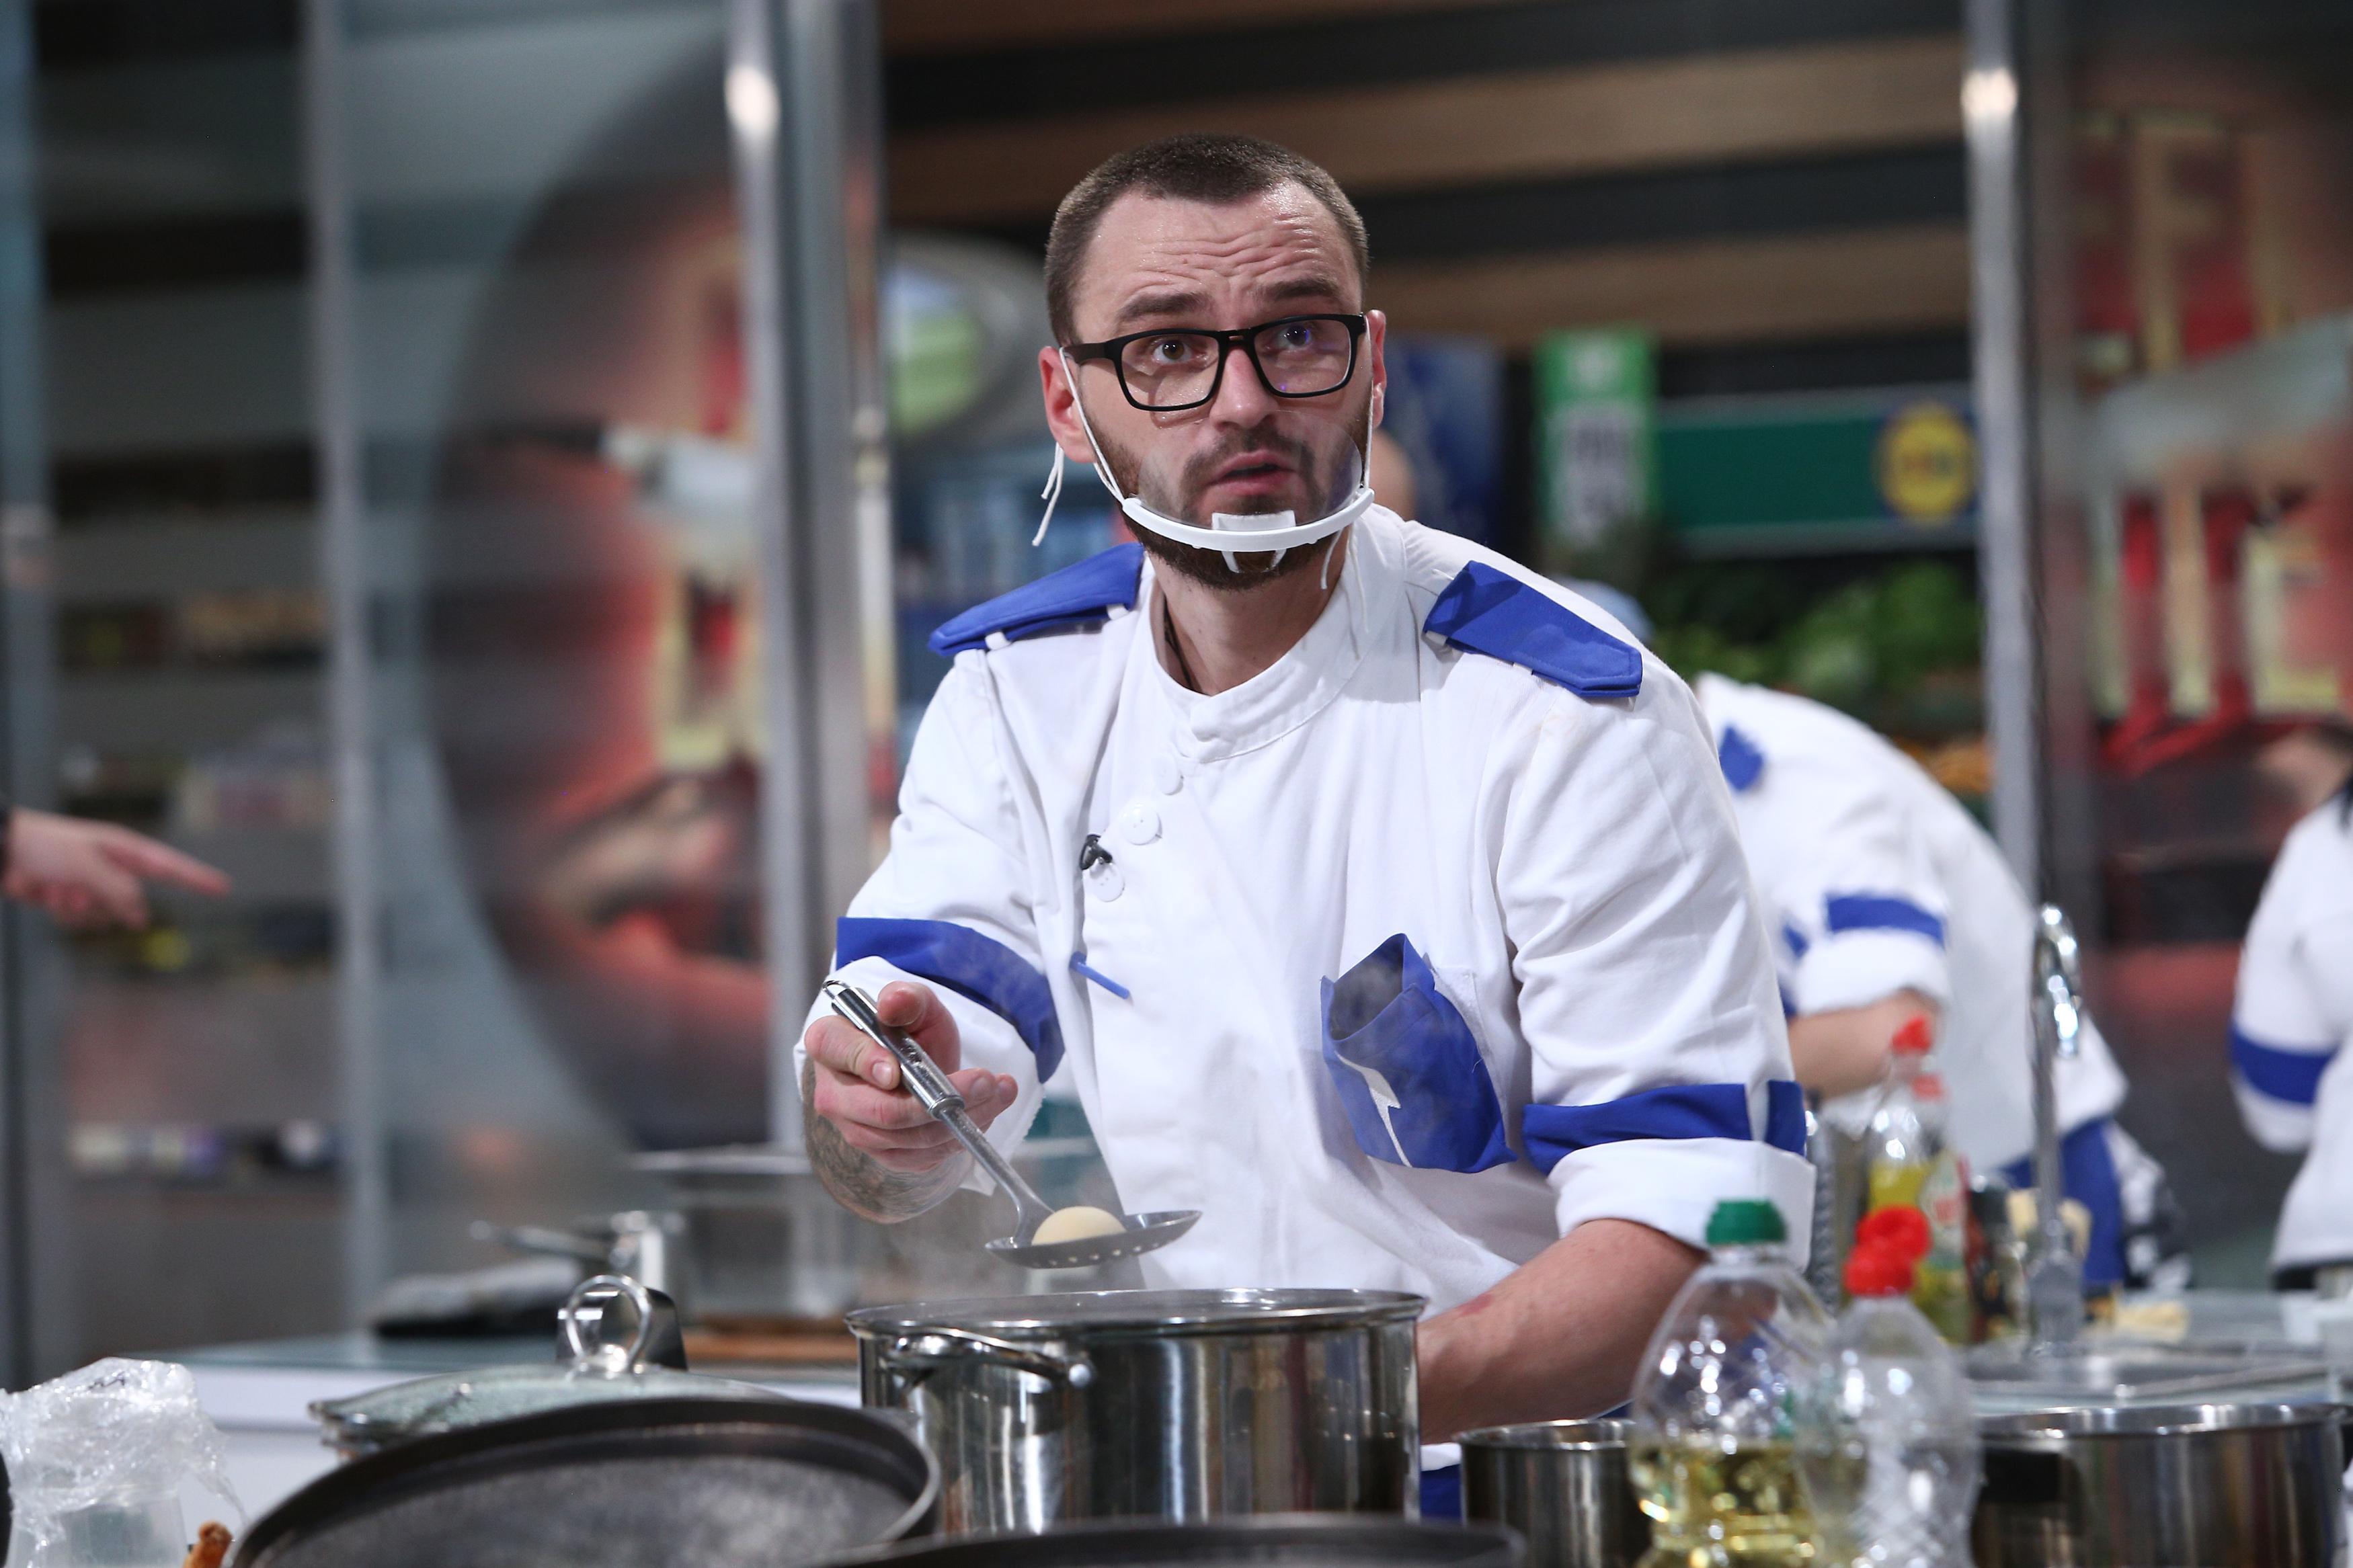 """Finala Chefi la cuțite 2021. Florin Dumitrescu l-a """"destabilizat complet"""" pe Cătălin Amarandei în finală. Ce i-a zis"""